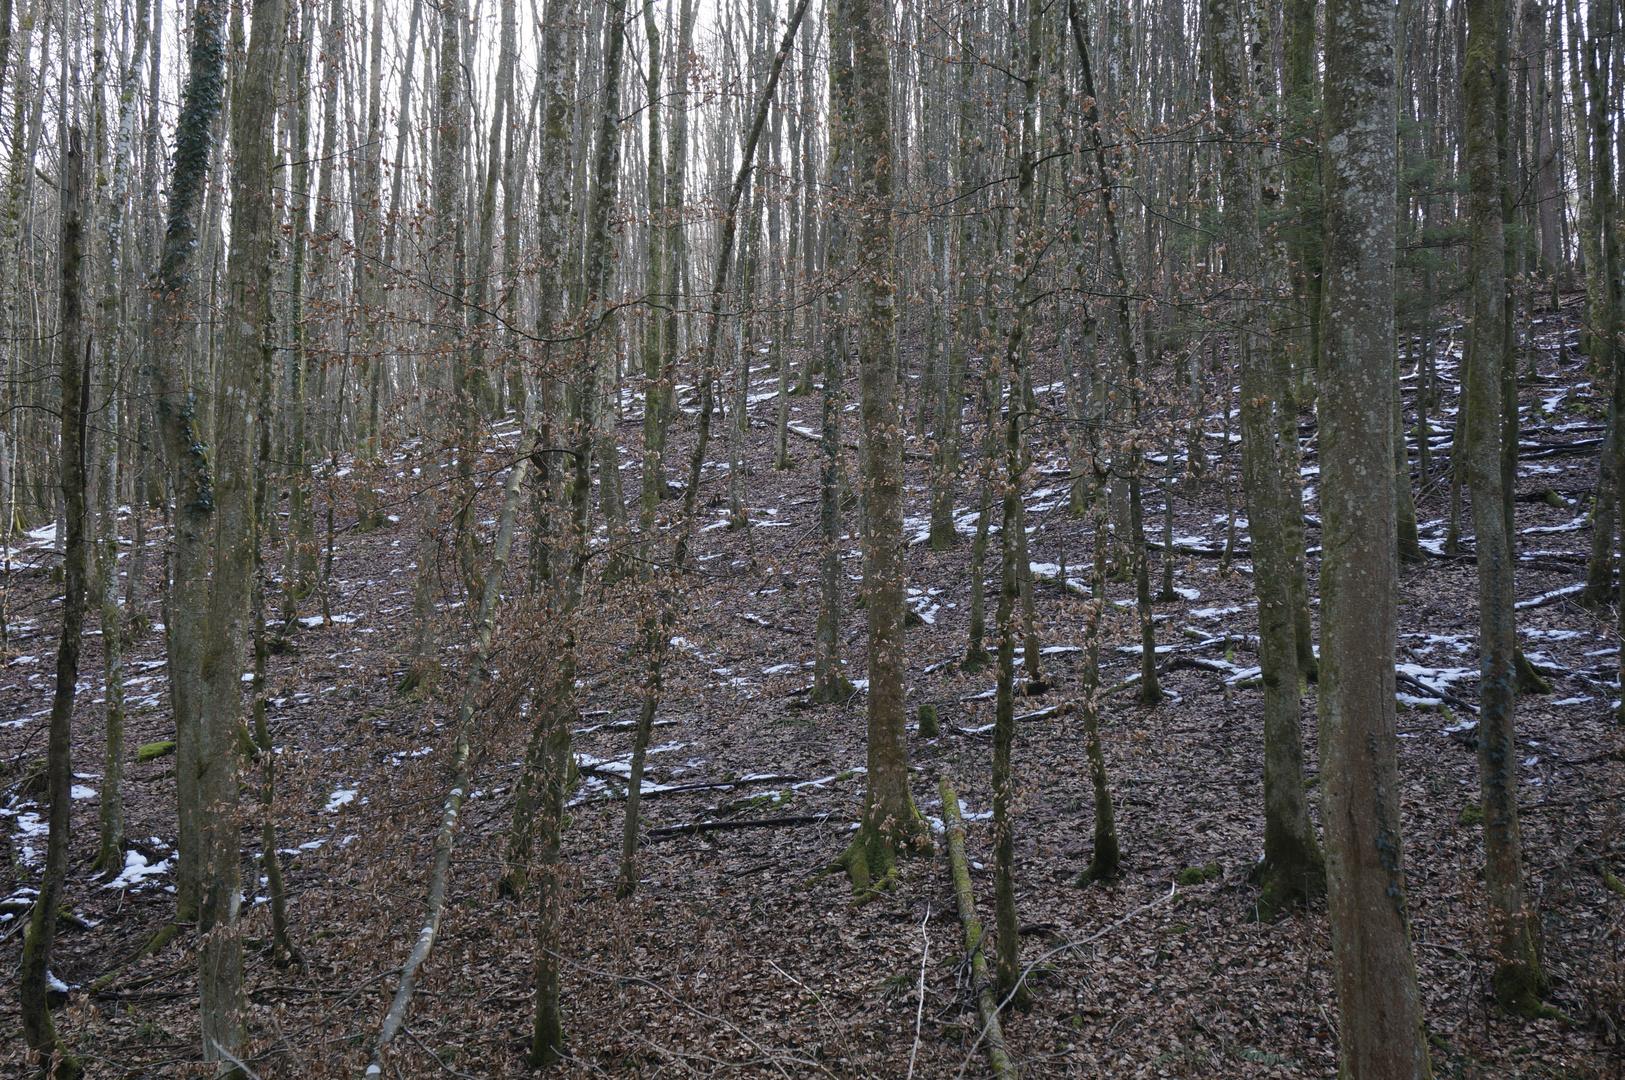 letzter Schnee zwischen Bäumen